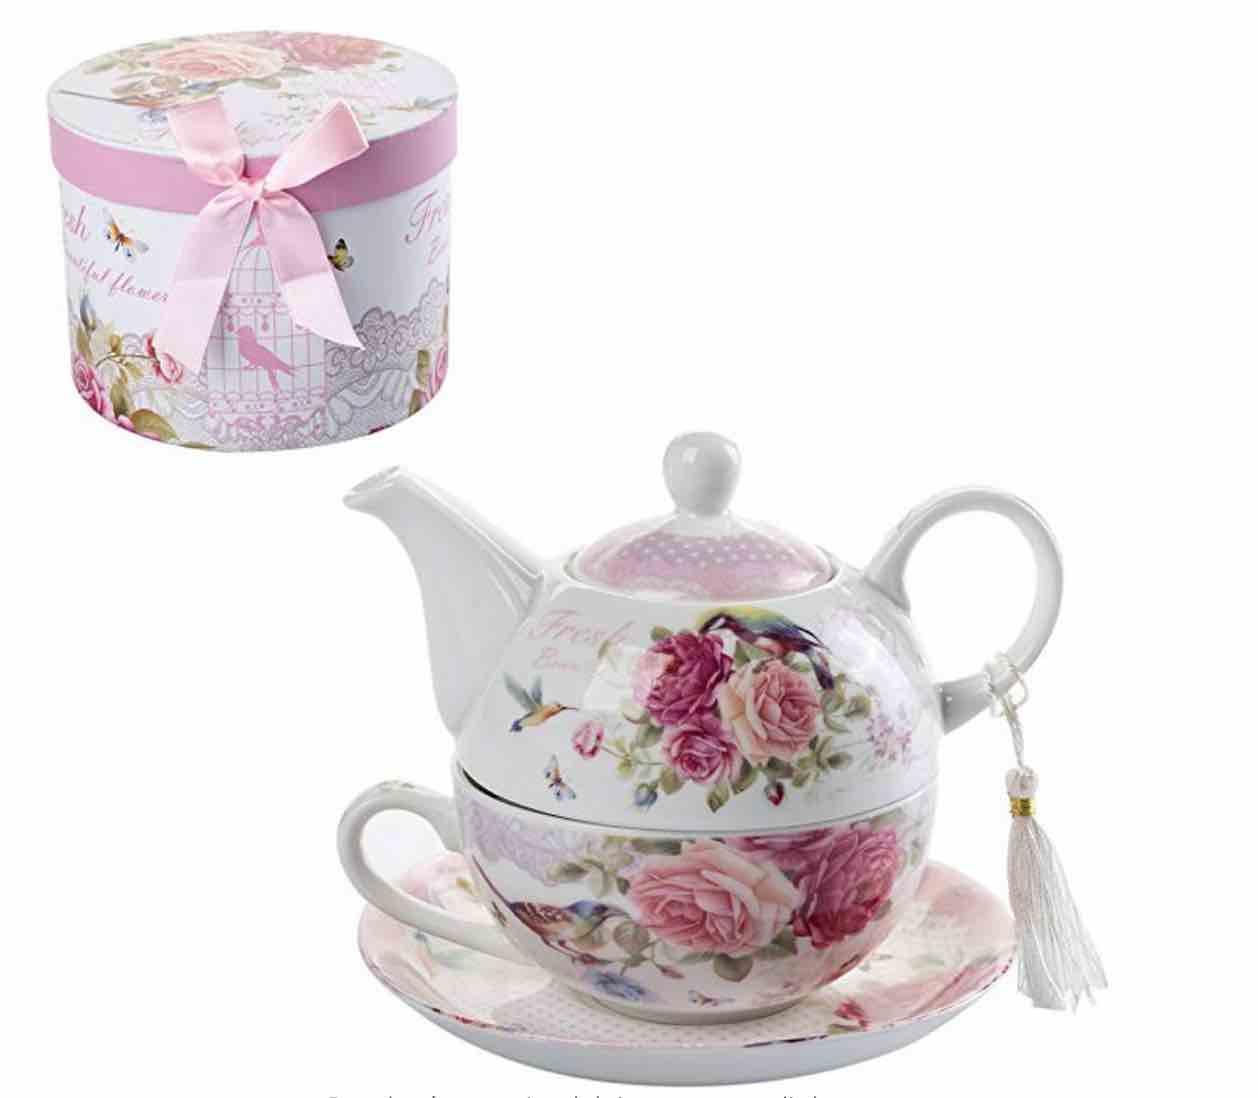 juego de té londinense